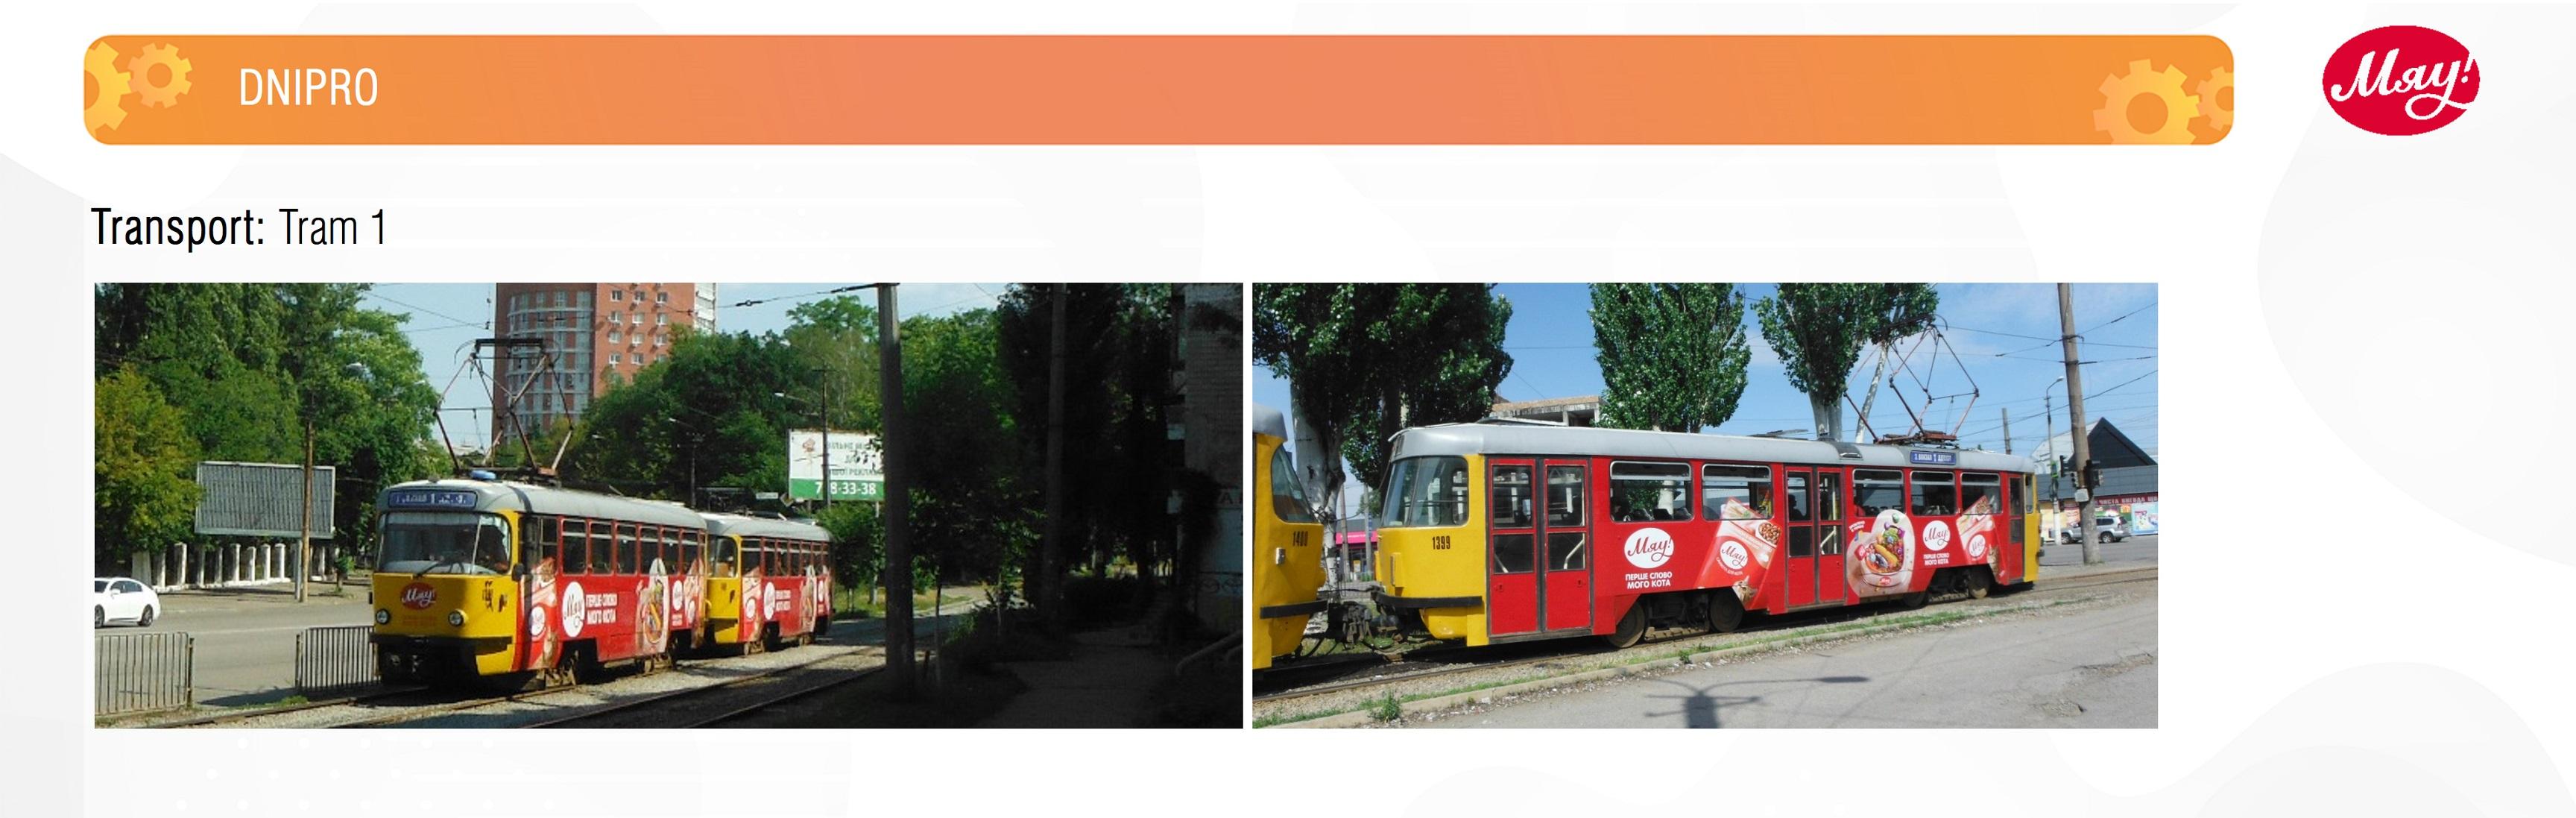 Реклама на транспорте Днепр. Забрендировать трамвай.